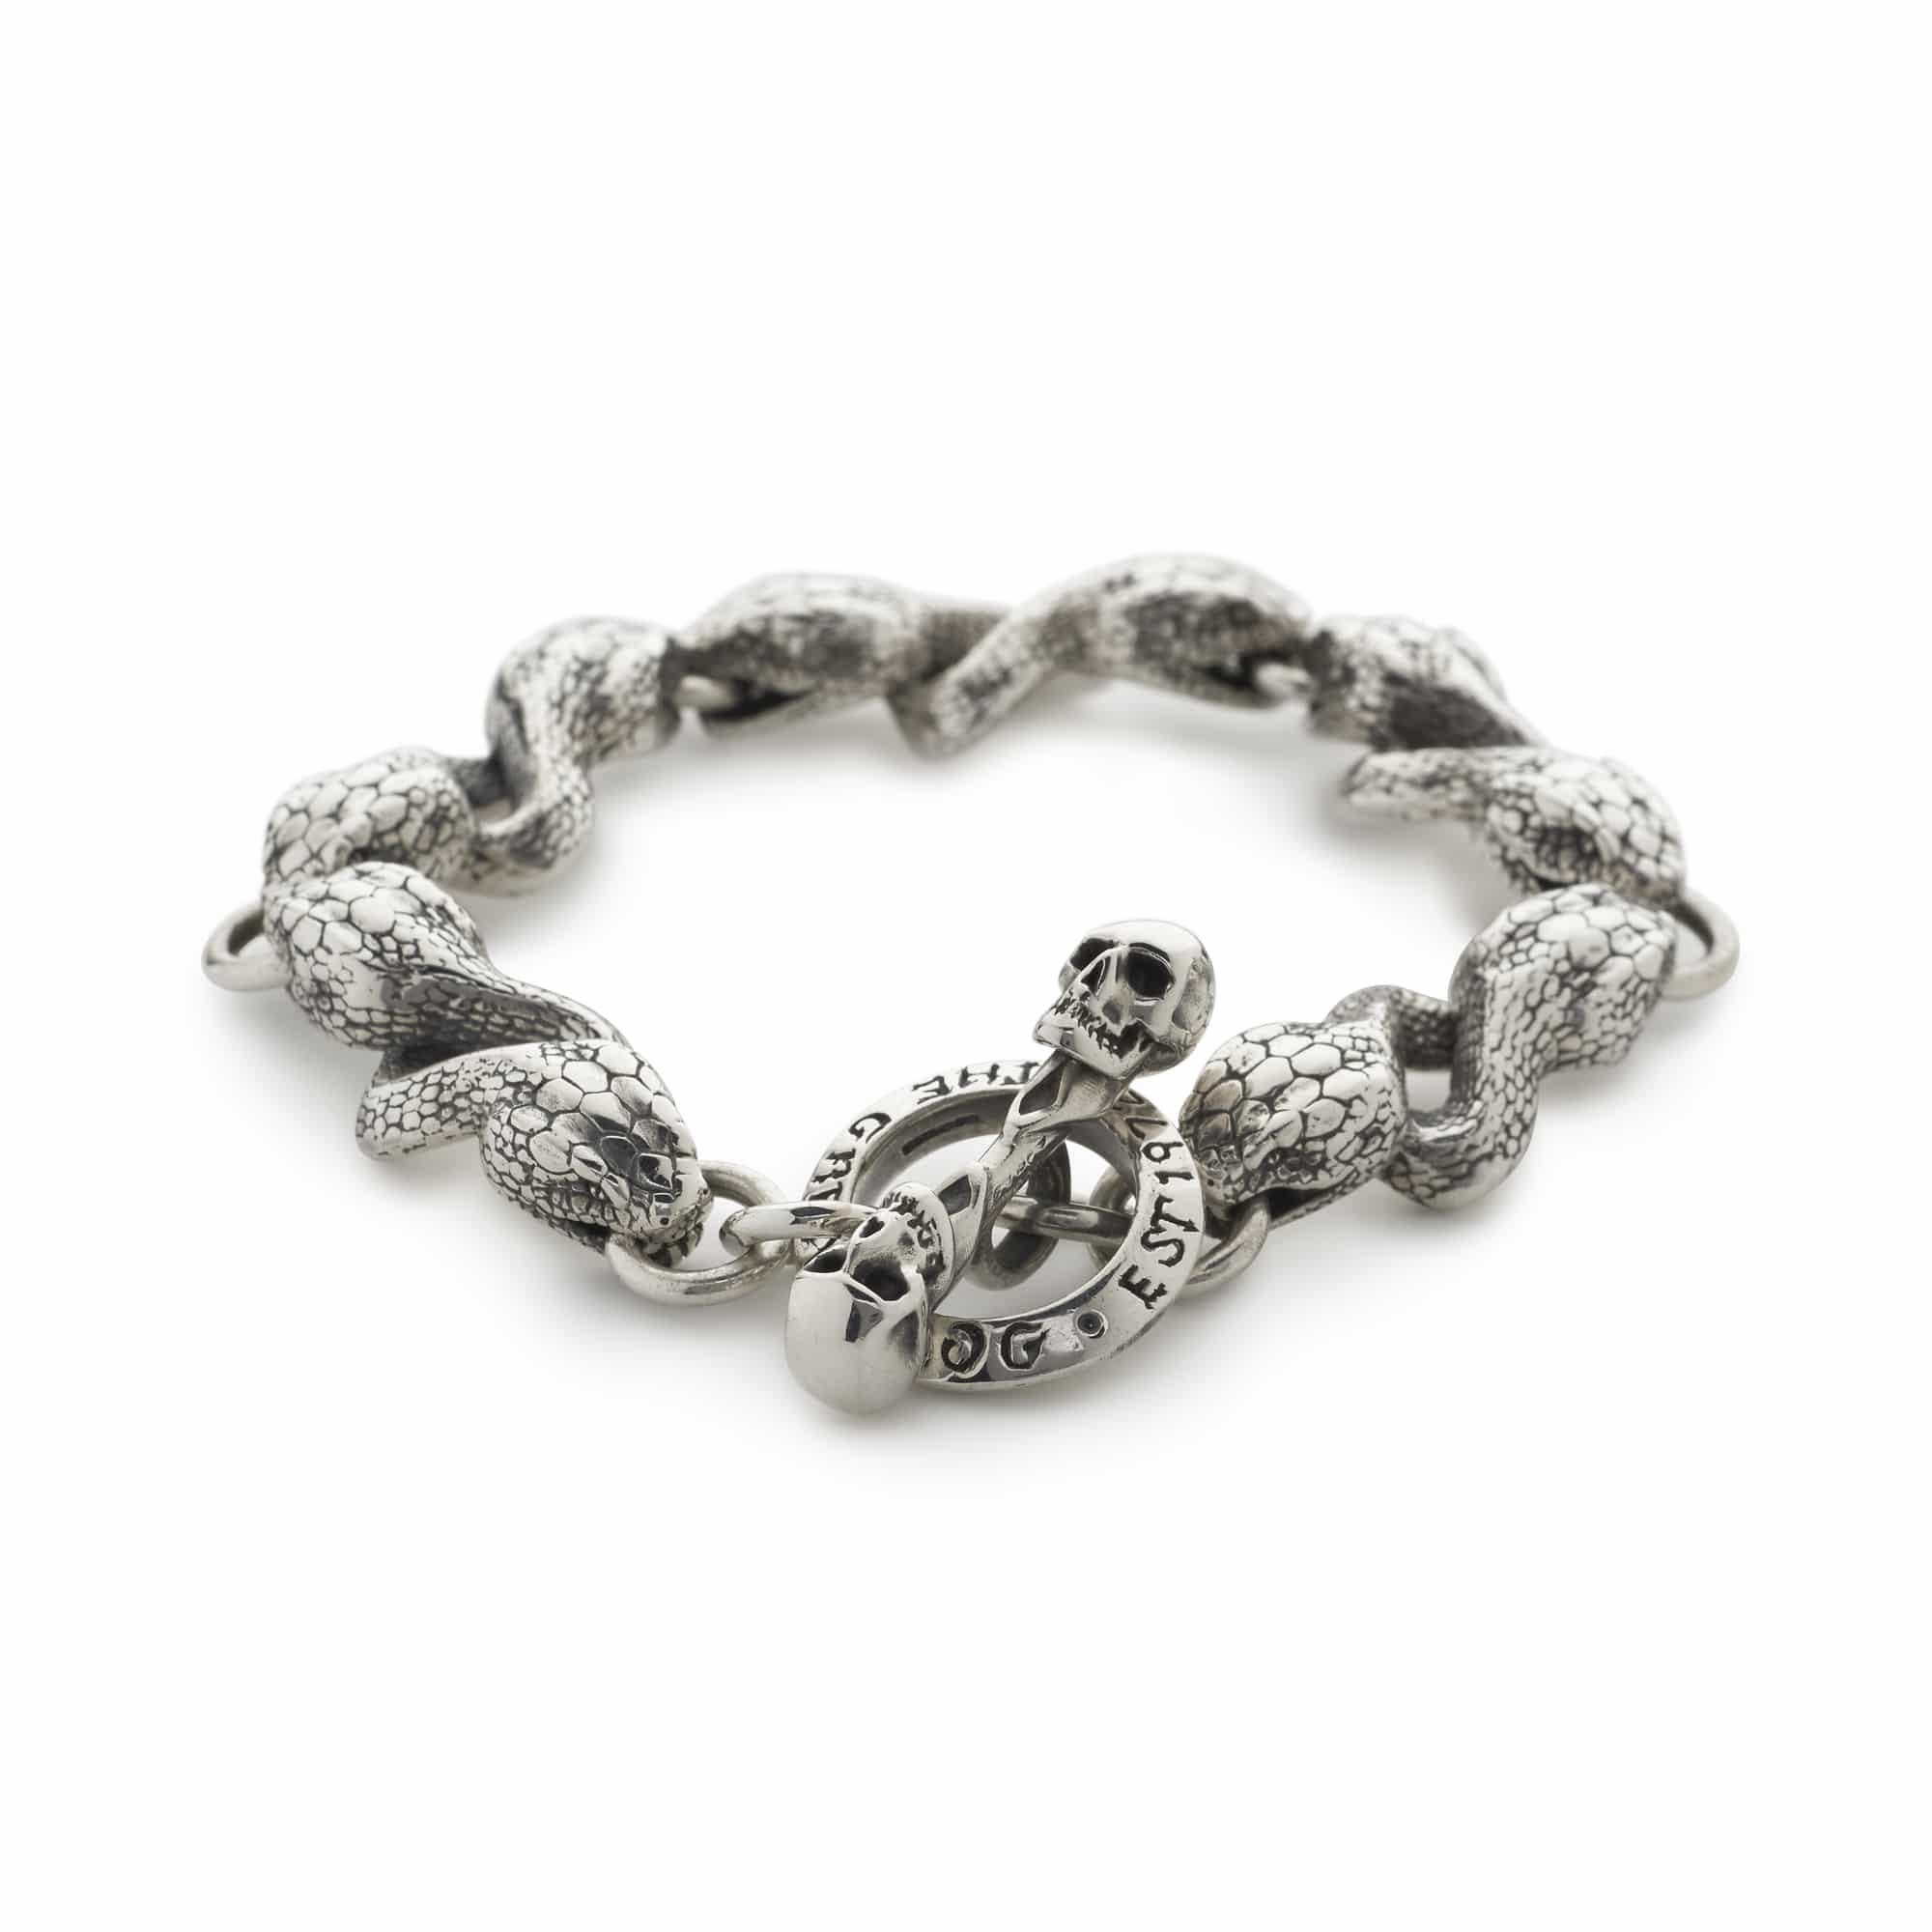 Home Jewellery Bracelets Snake